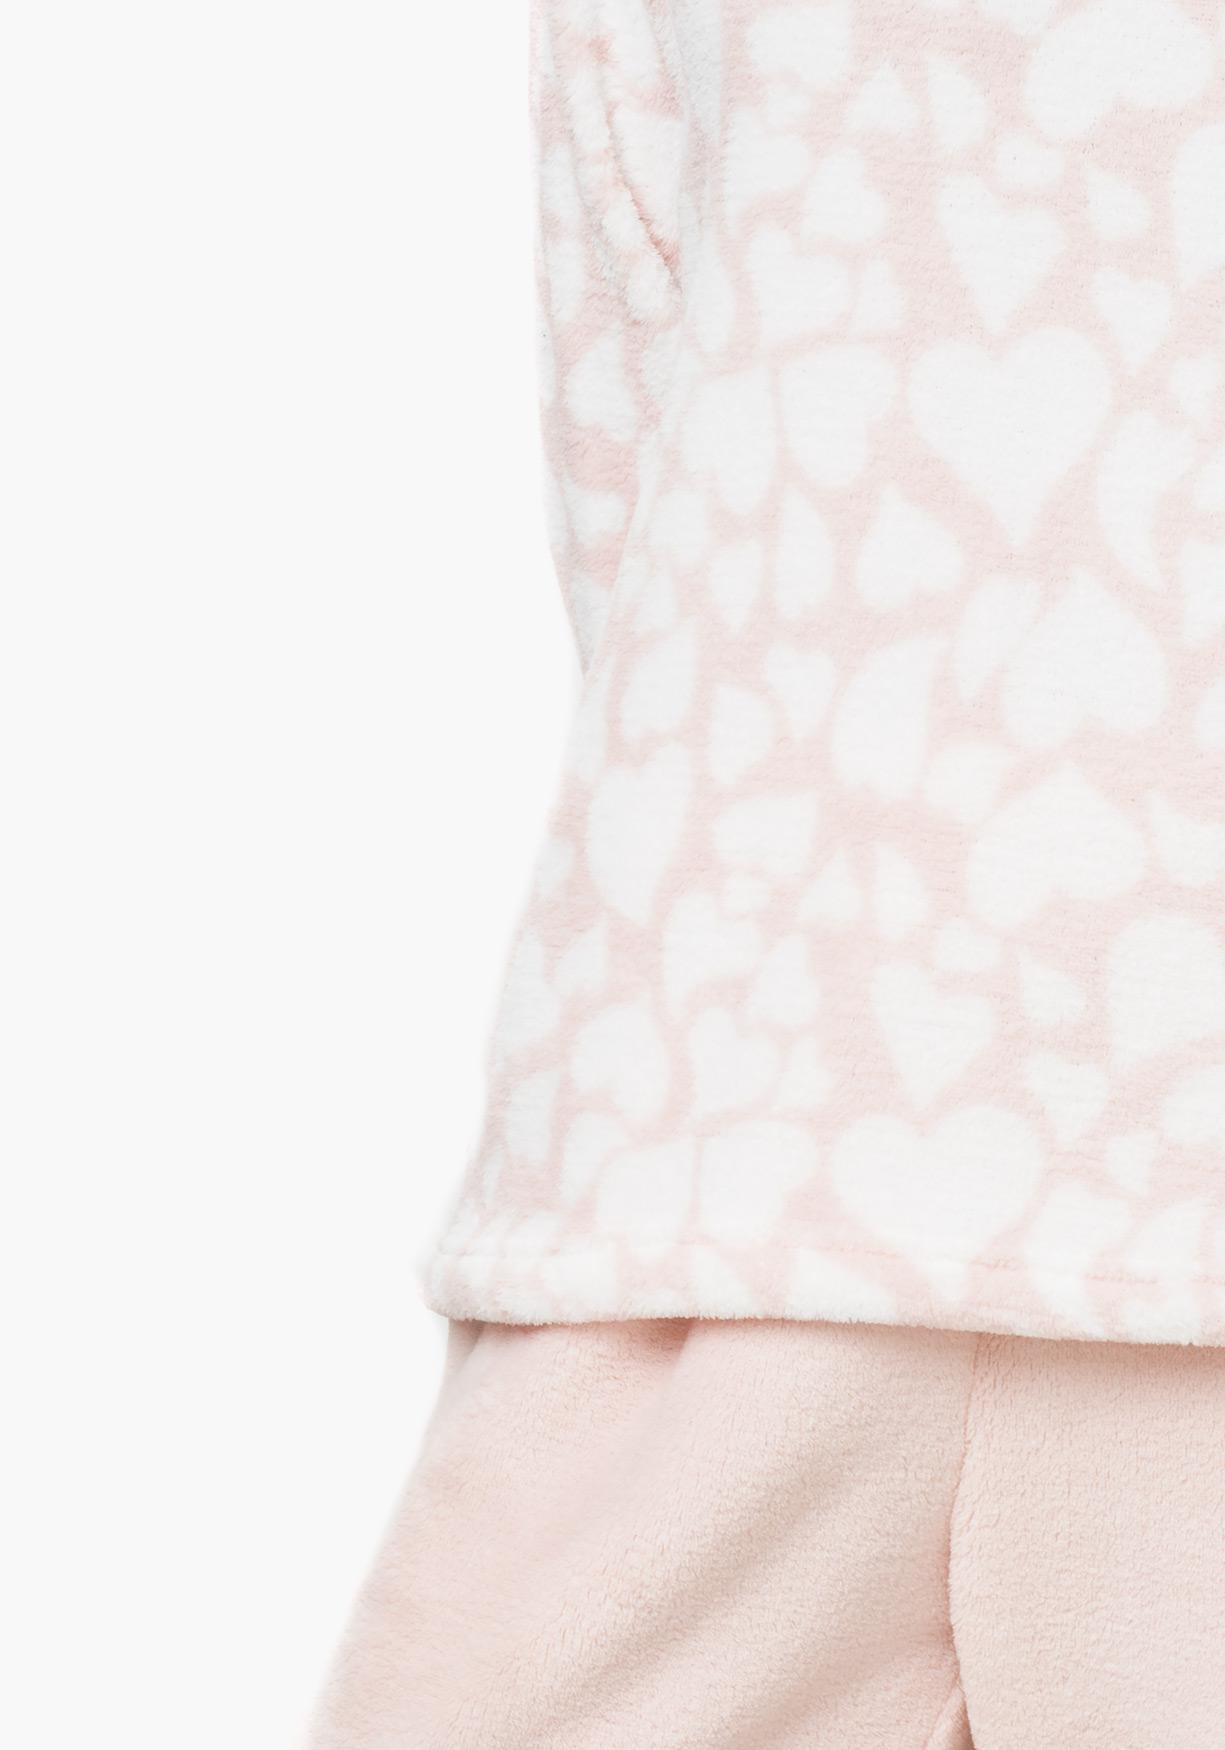 d280eae2f Comprar Pijama de mujer polar largo TEX. ¡Aprovéchate de nuestros ...